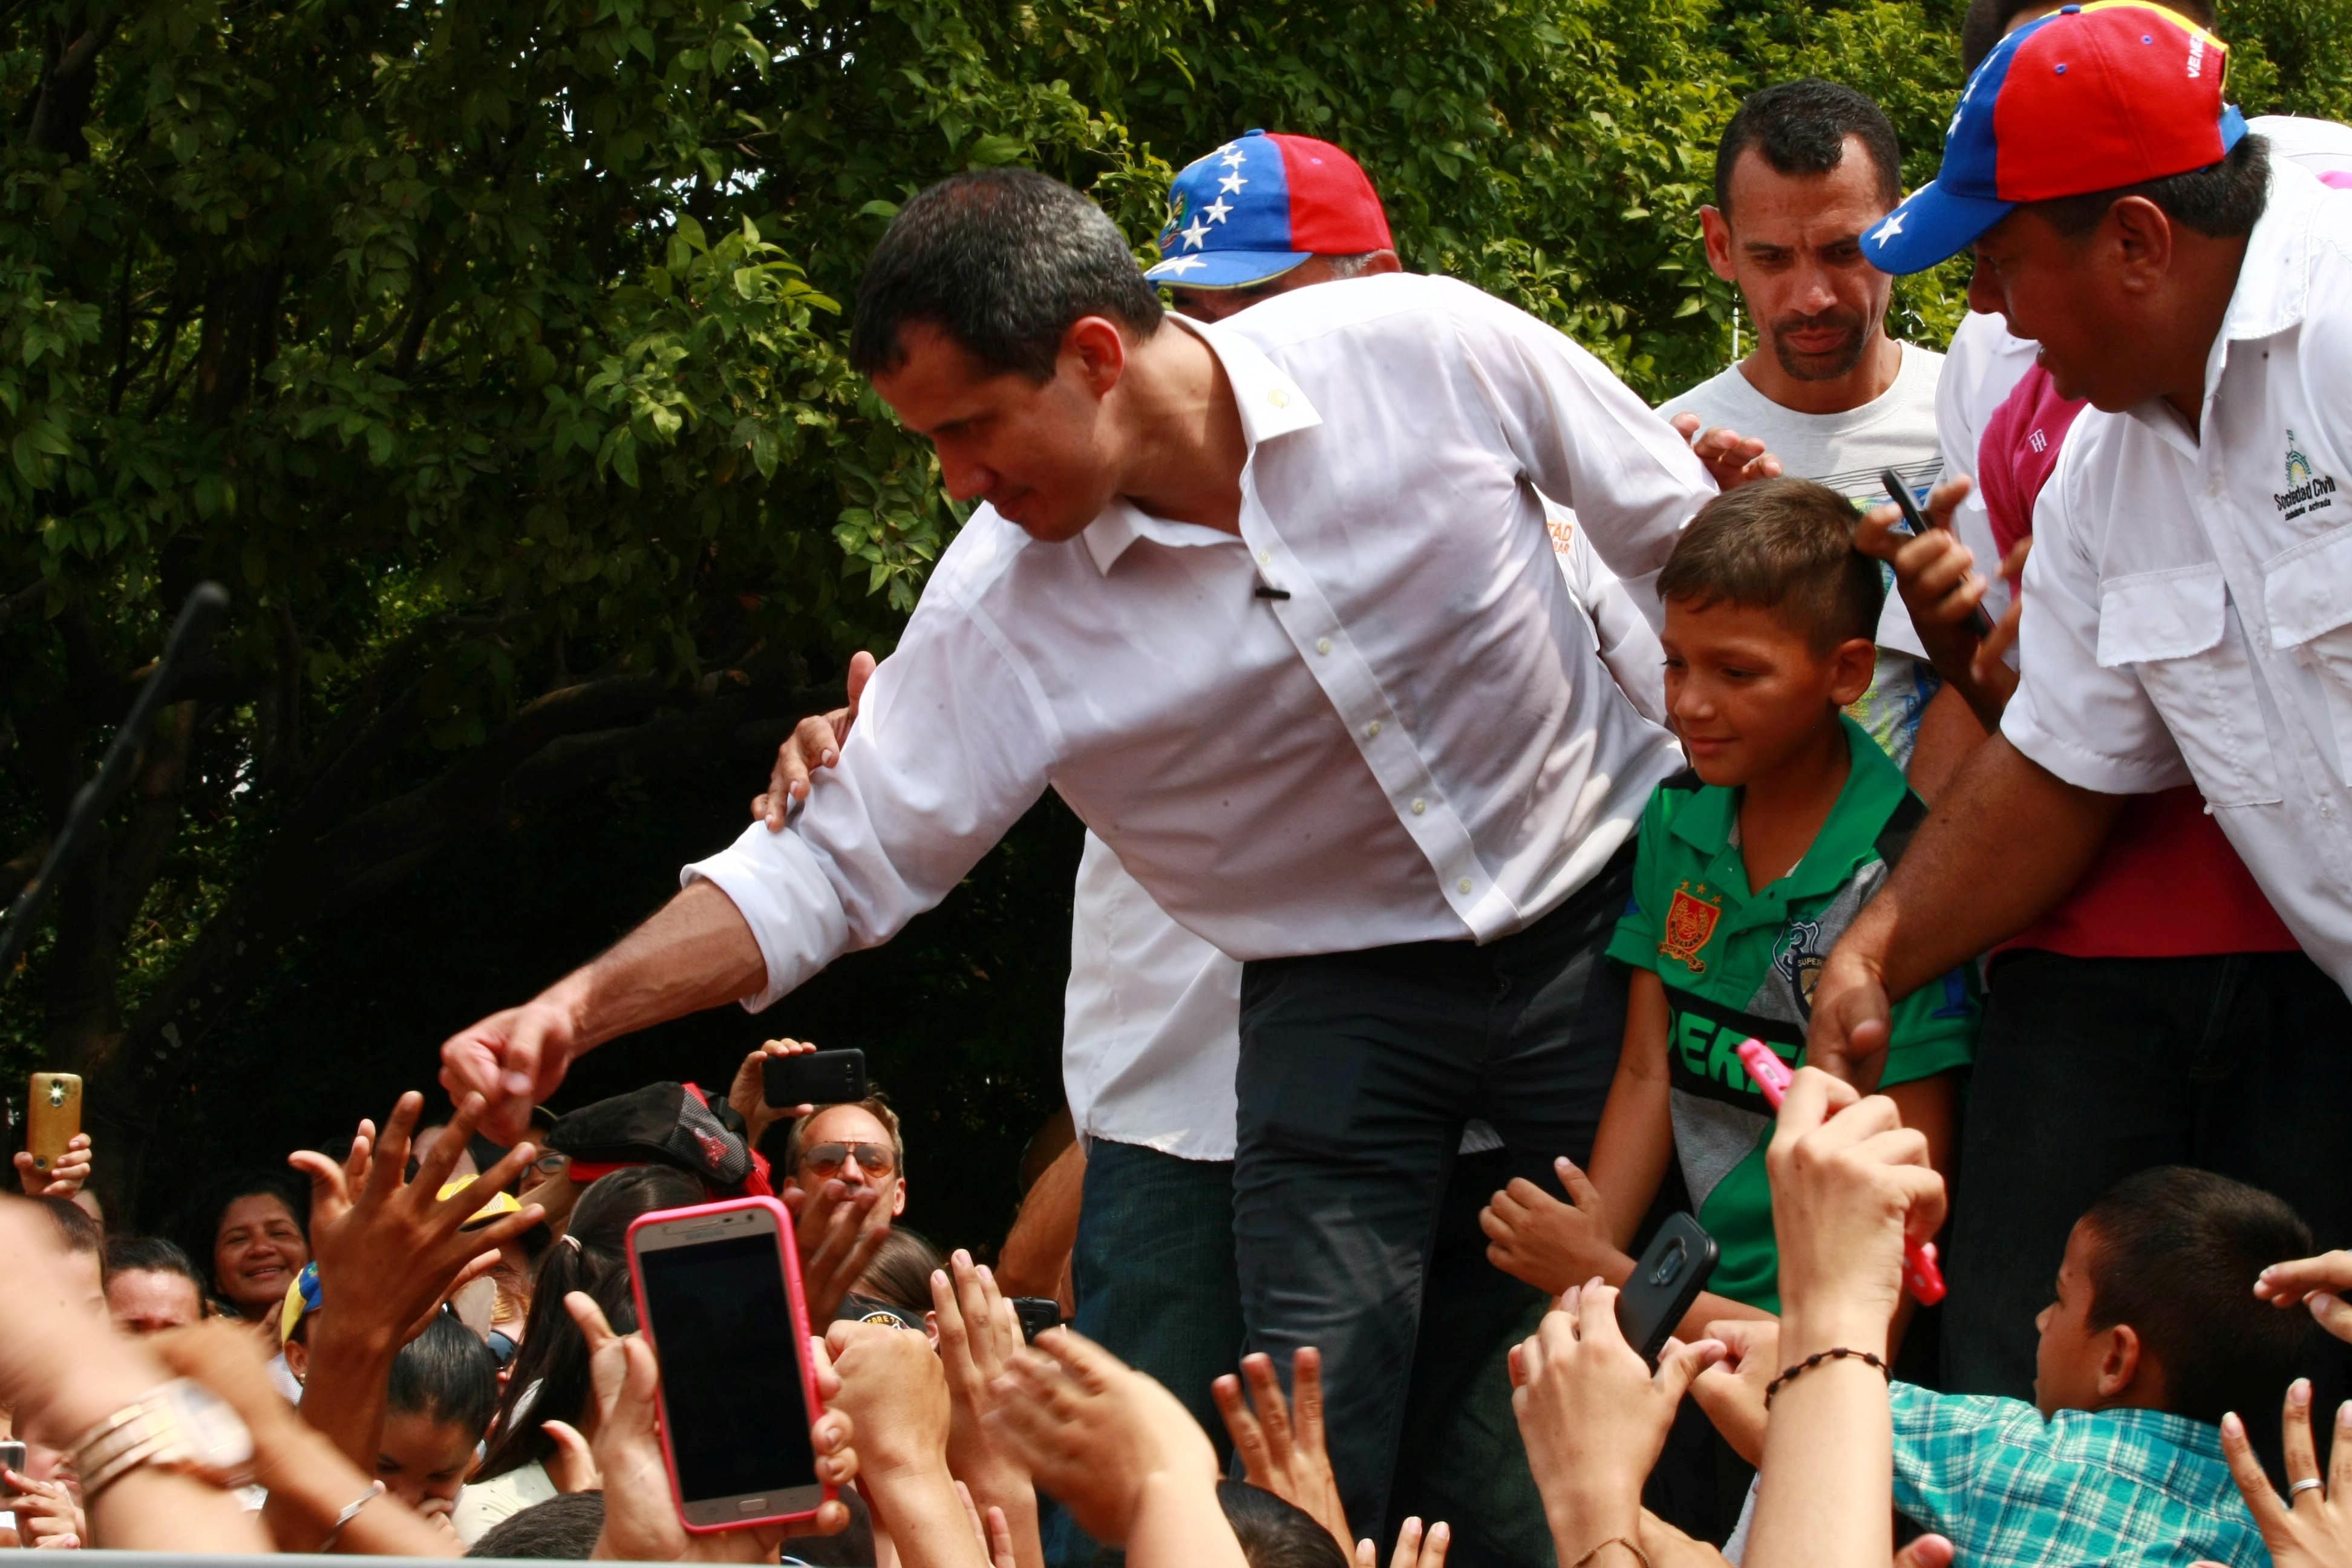 زعيم المعارضة الفنزويلية جوايدو يشارك في مظاهرة خلال زيارته لماراكايبو 23